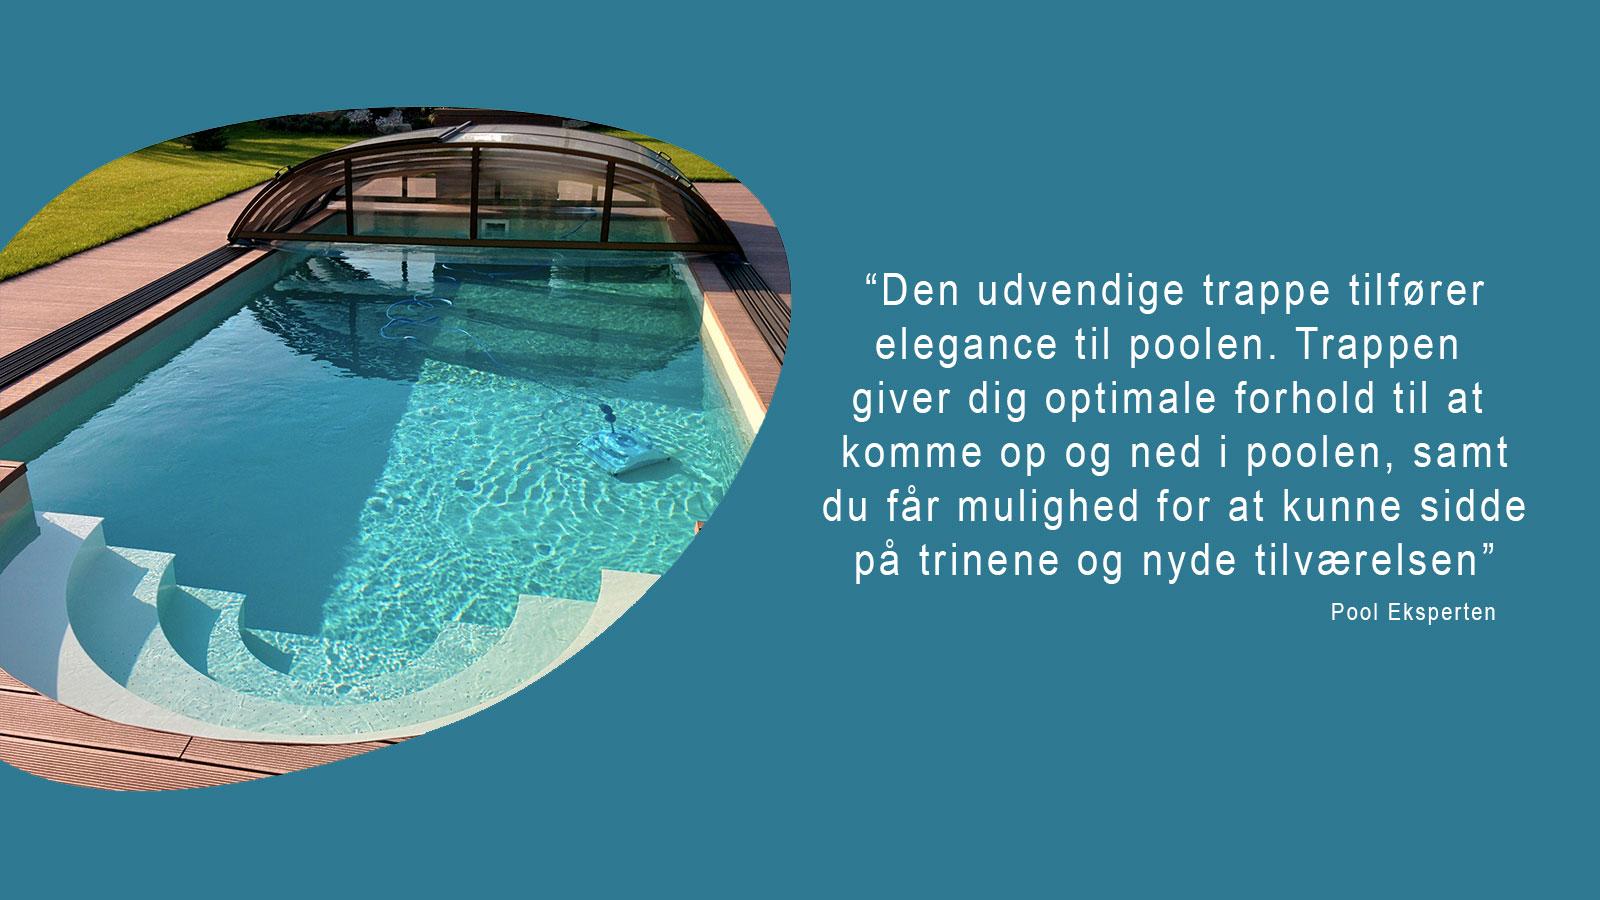 PP pool udvendig trappe billede med citat